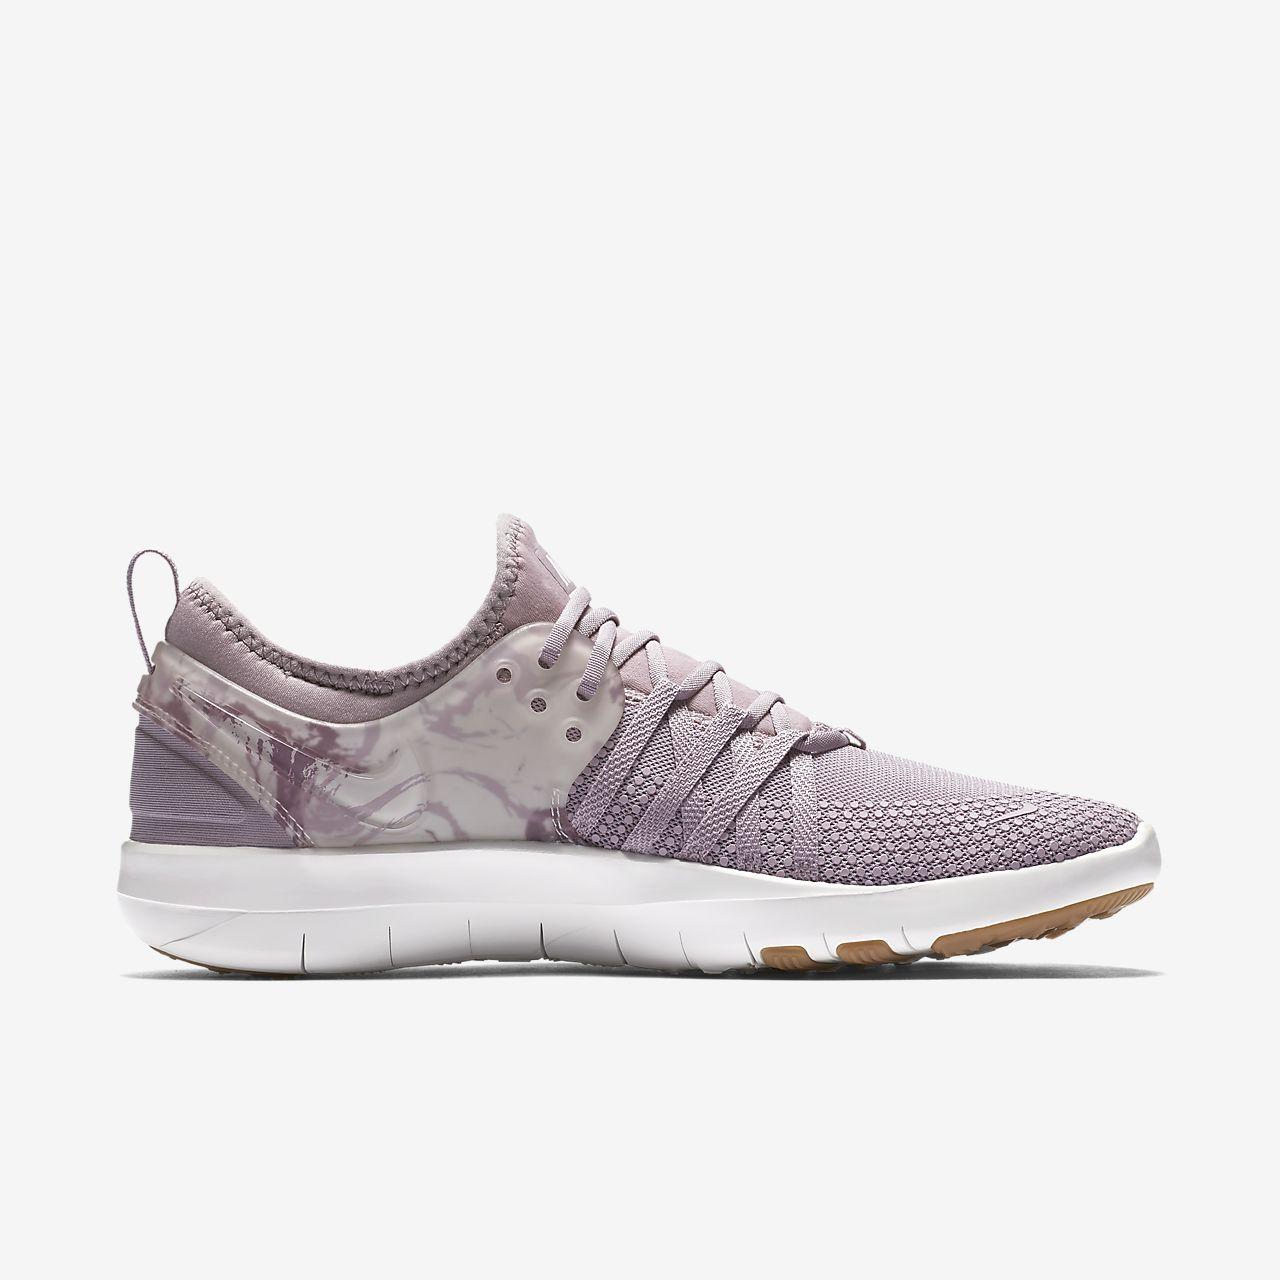 Do Nike Flex Shoes Stretch